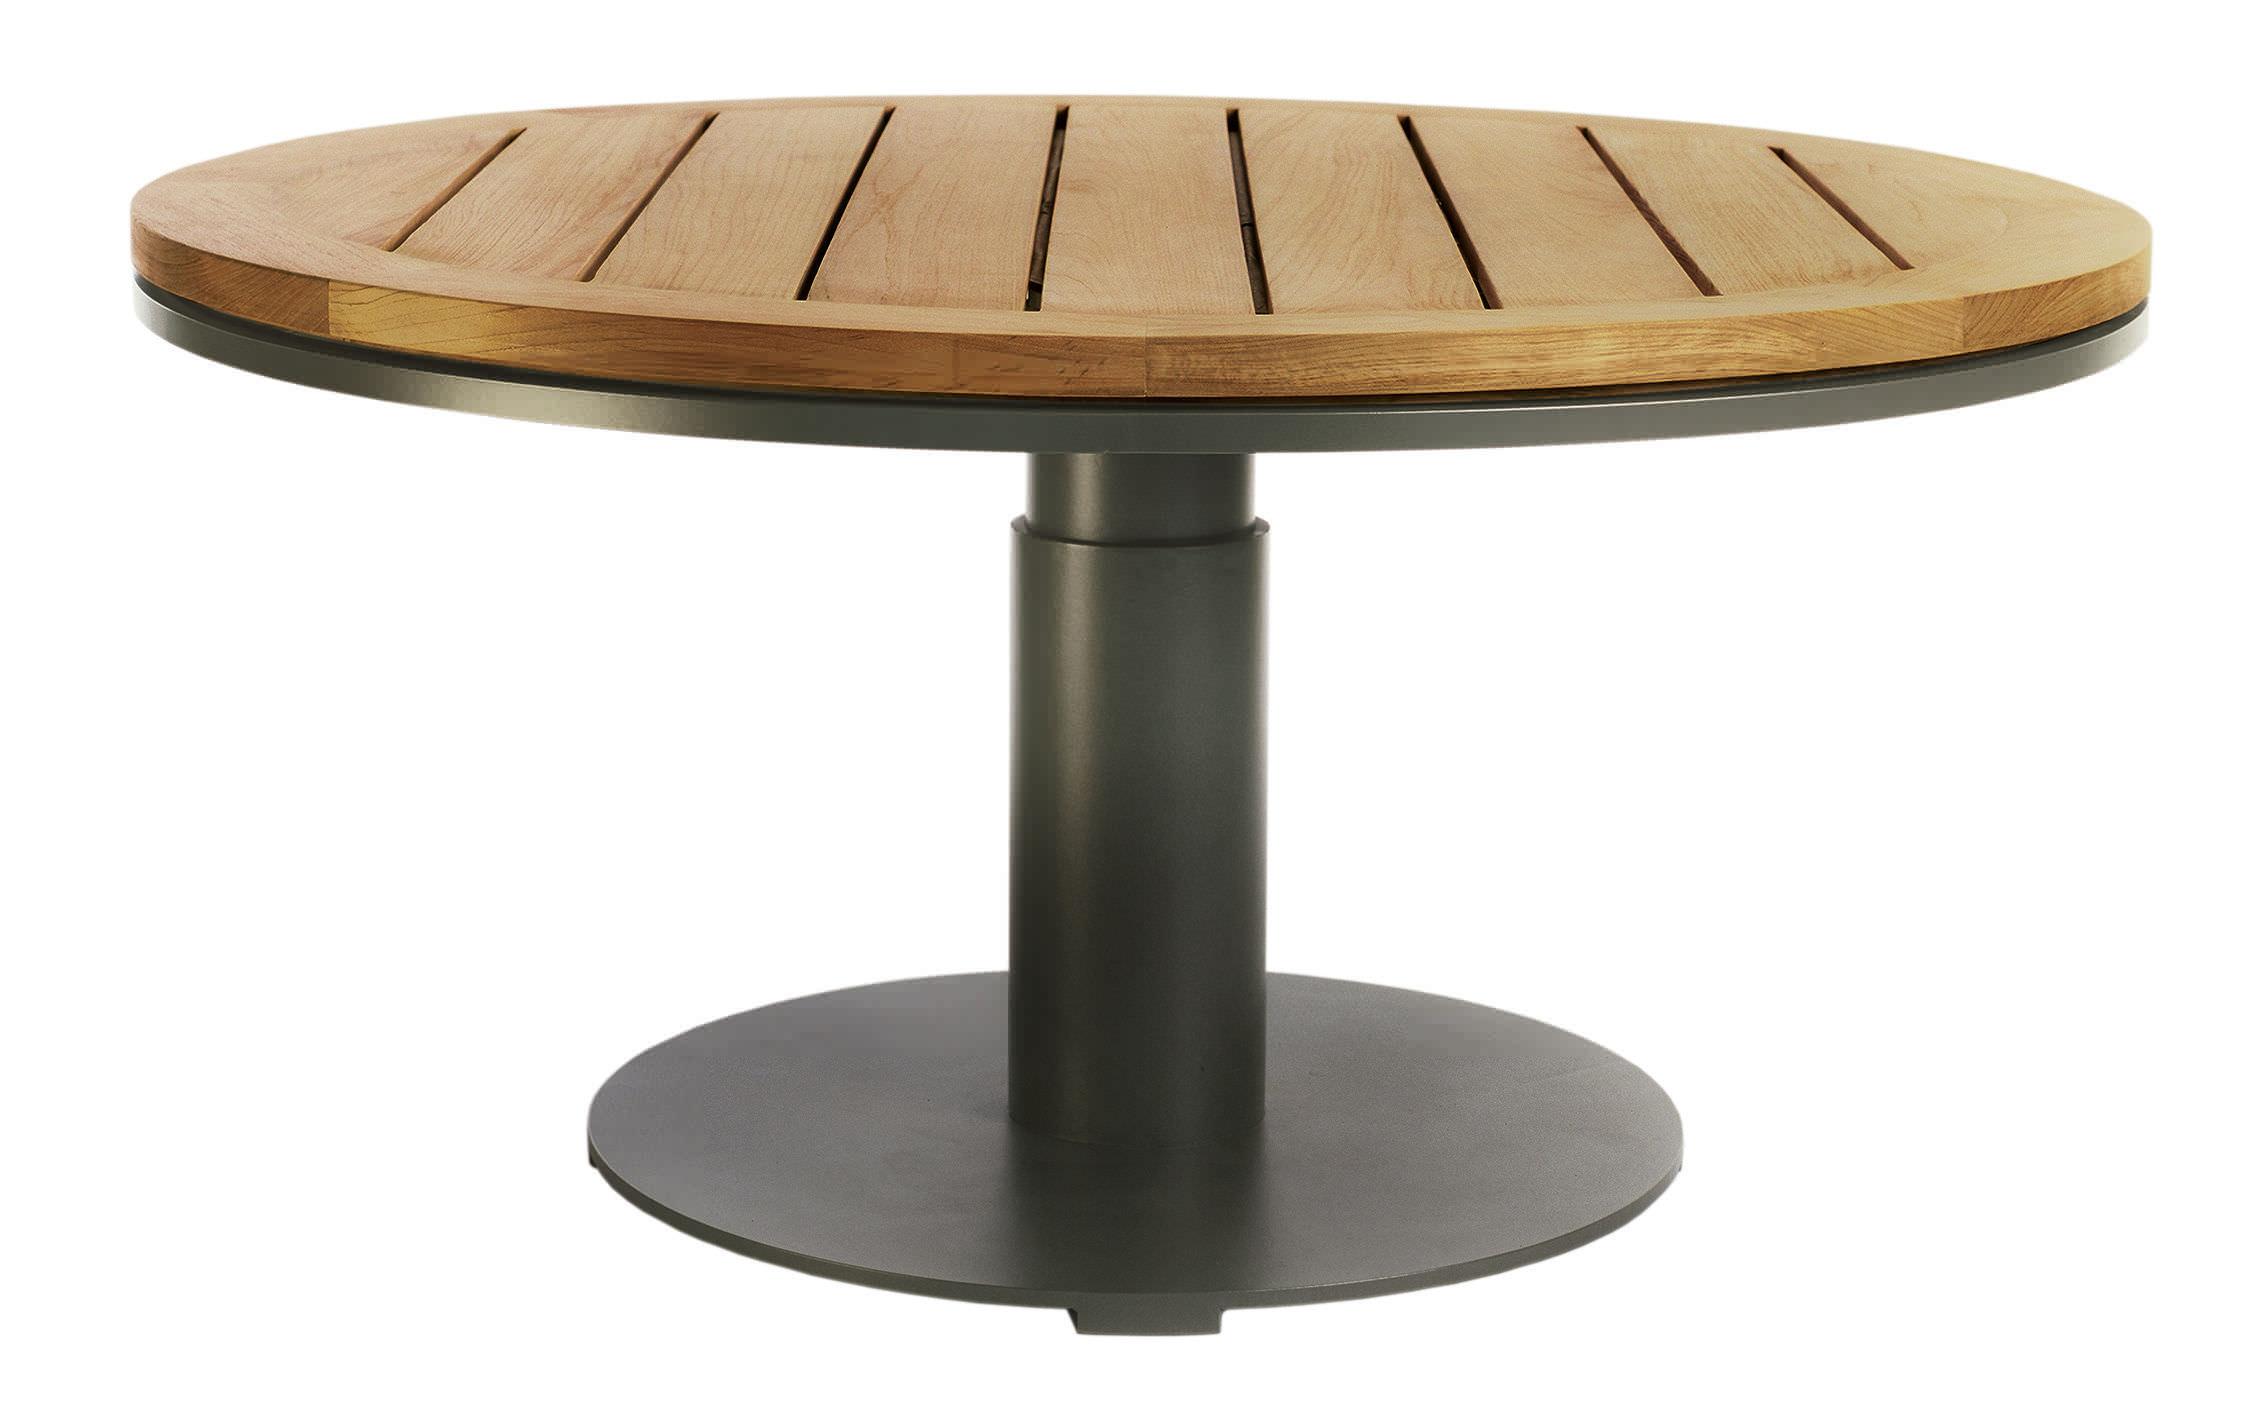 Table Ronde Jardin Table De Jardin Ronde Pas Cher - Idees ... serapportantà Tables De Jardin Rondes